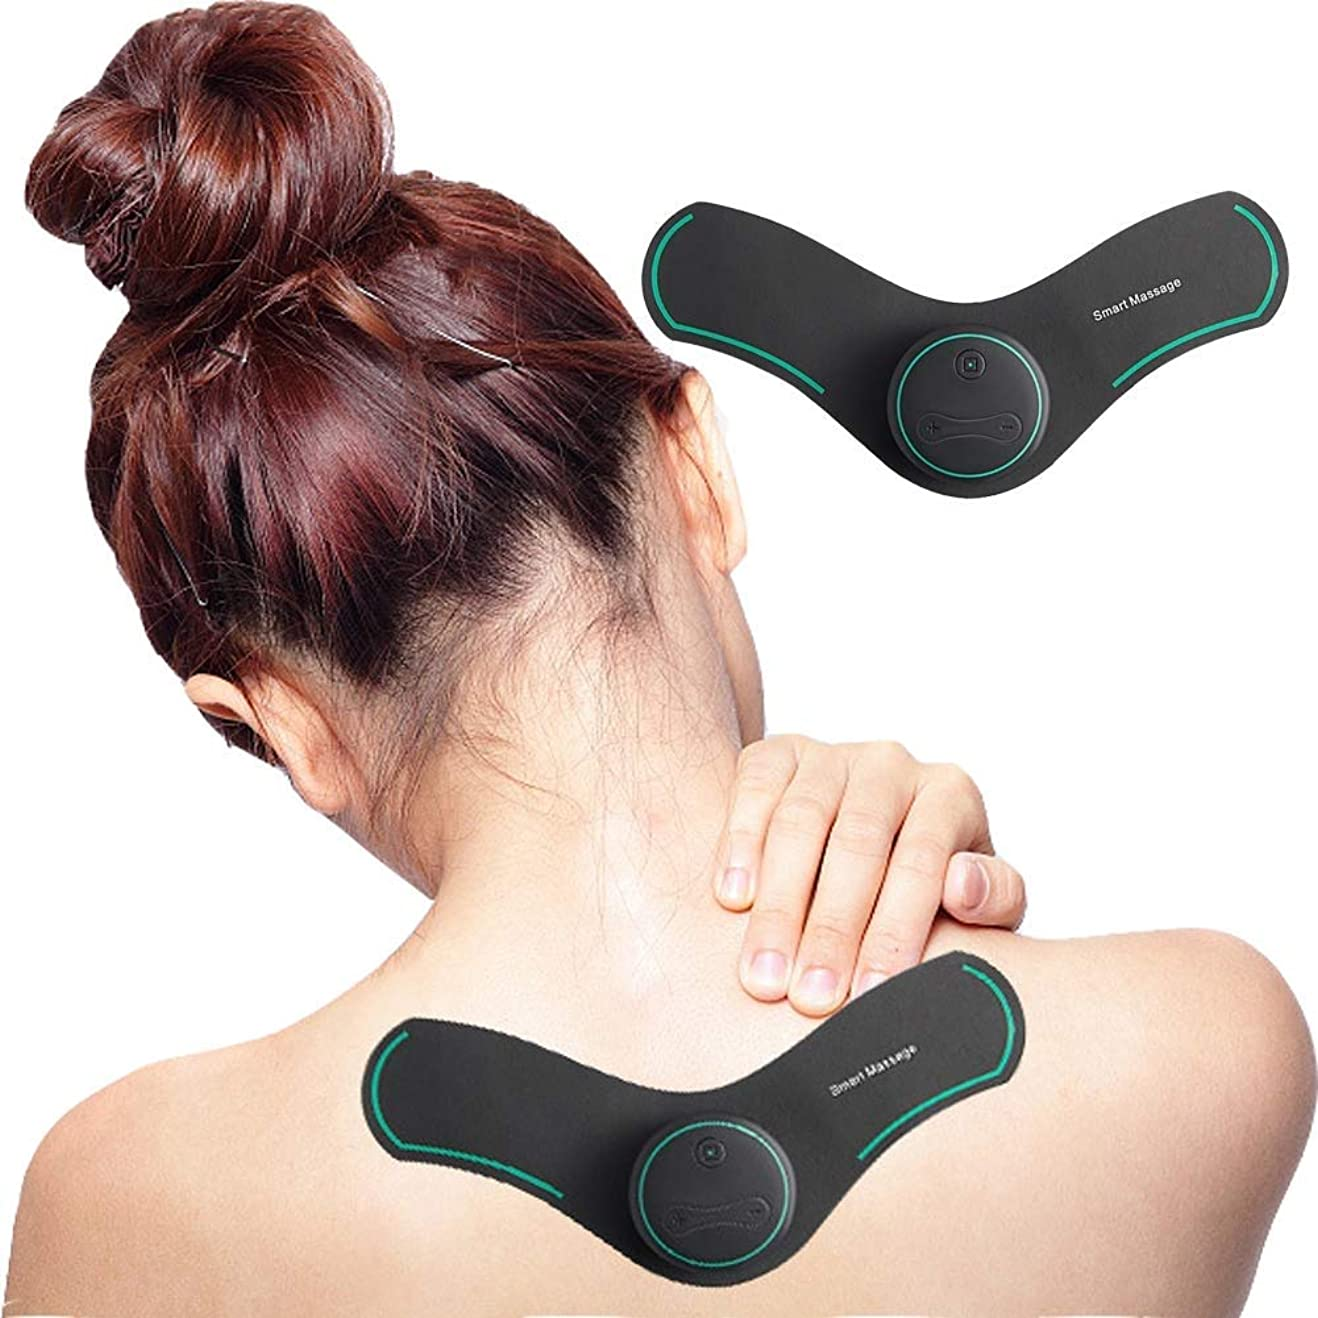 解決細胞異形RANRANJJ バックネック坐骨神経痛、疼痛管理、筋肉の軽減に効果的なTENSミニマッサージャー筋肉刺激装置 (Color : Green)